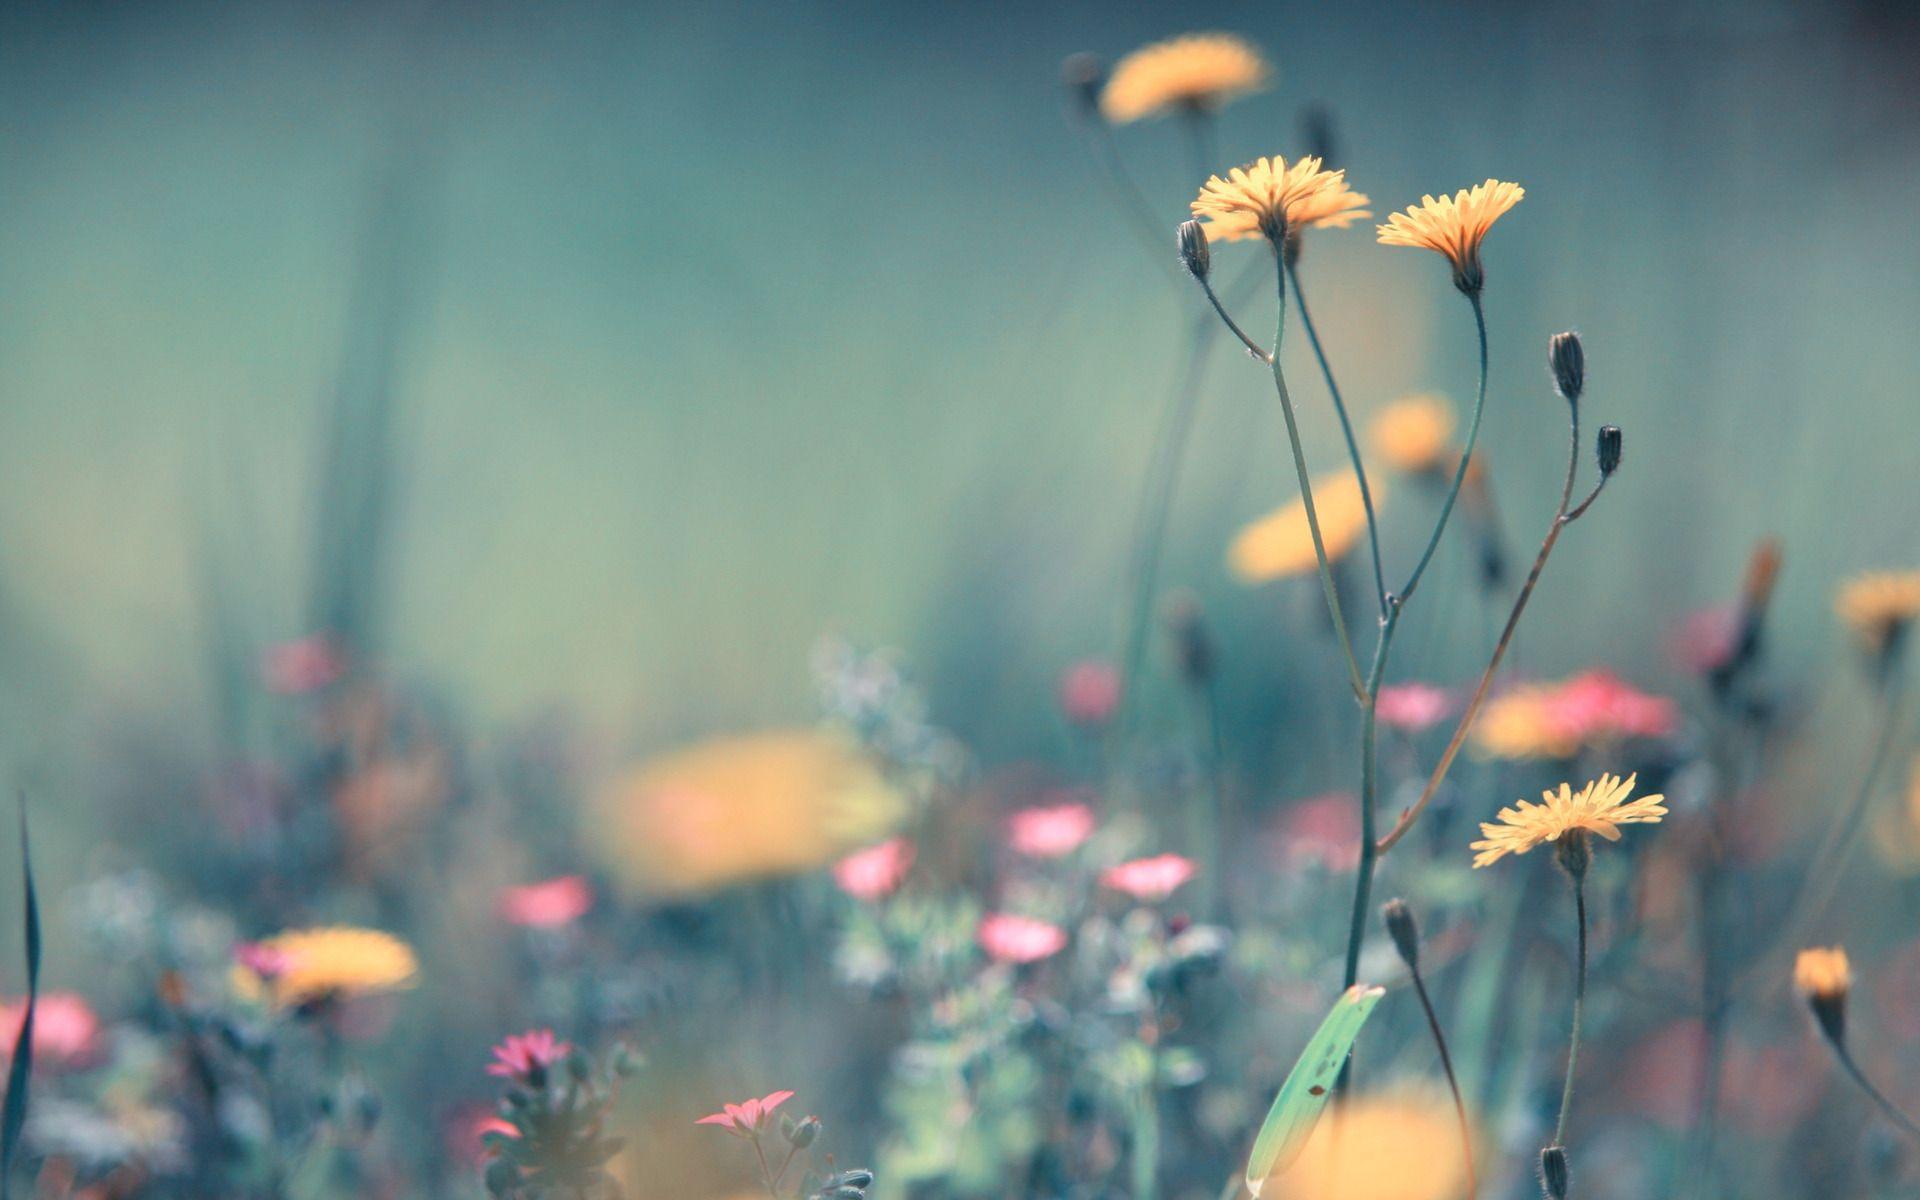 Summer Desktop Wallpaper Background Hd Flower Phone Wallpaper Wild Flowers Nature